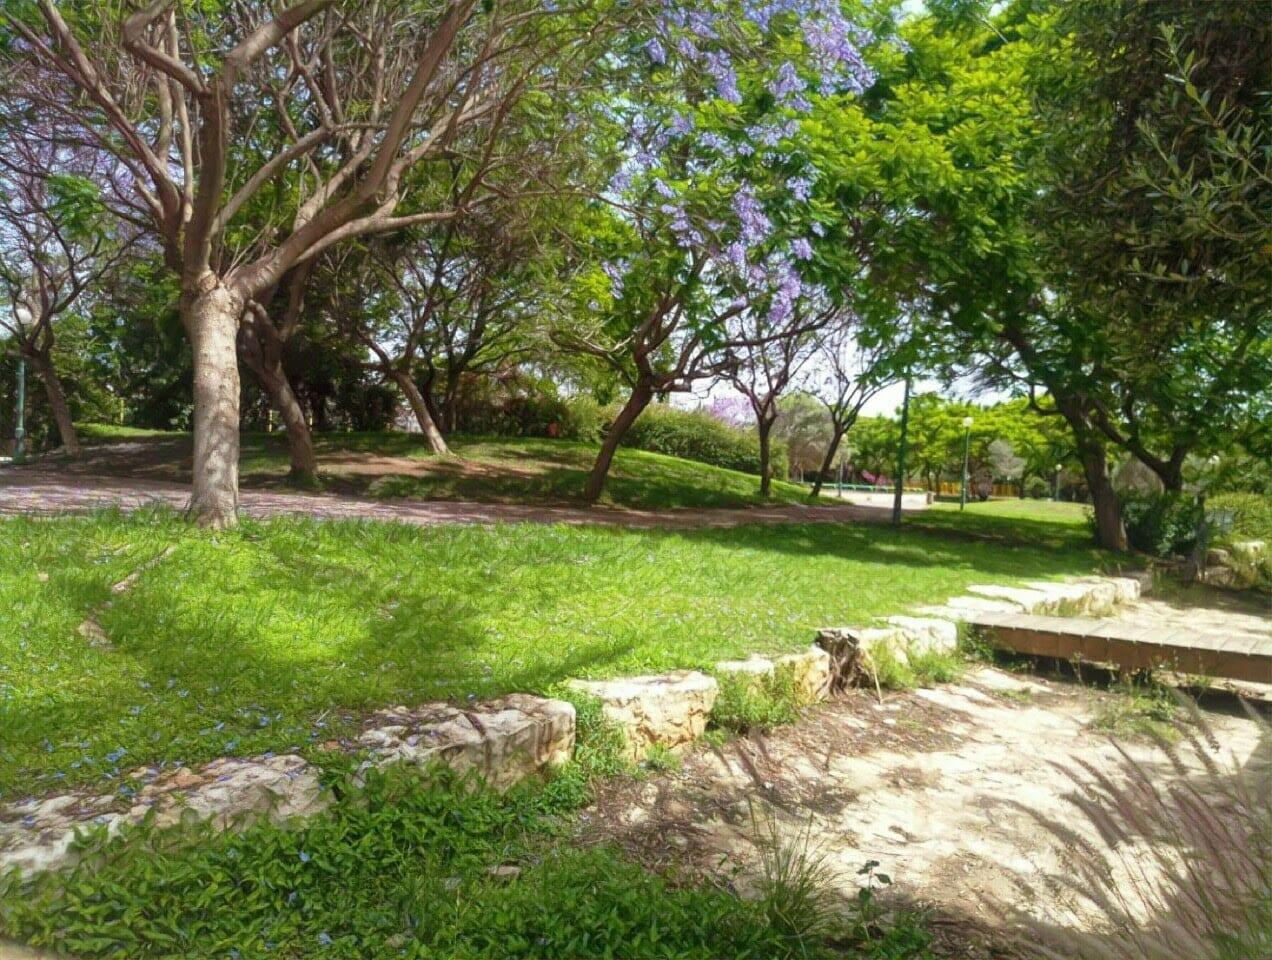 בית למכירה בבנה ביתך בקדימה גובל בפארק